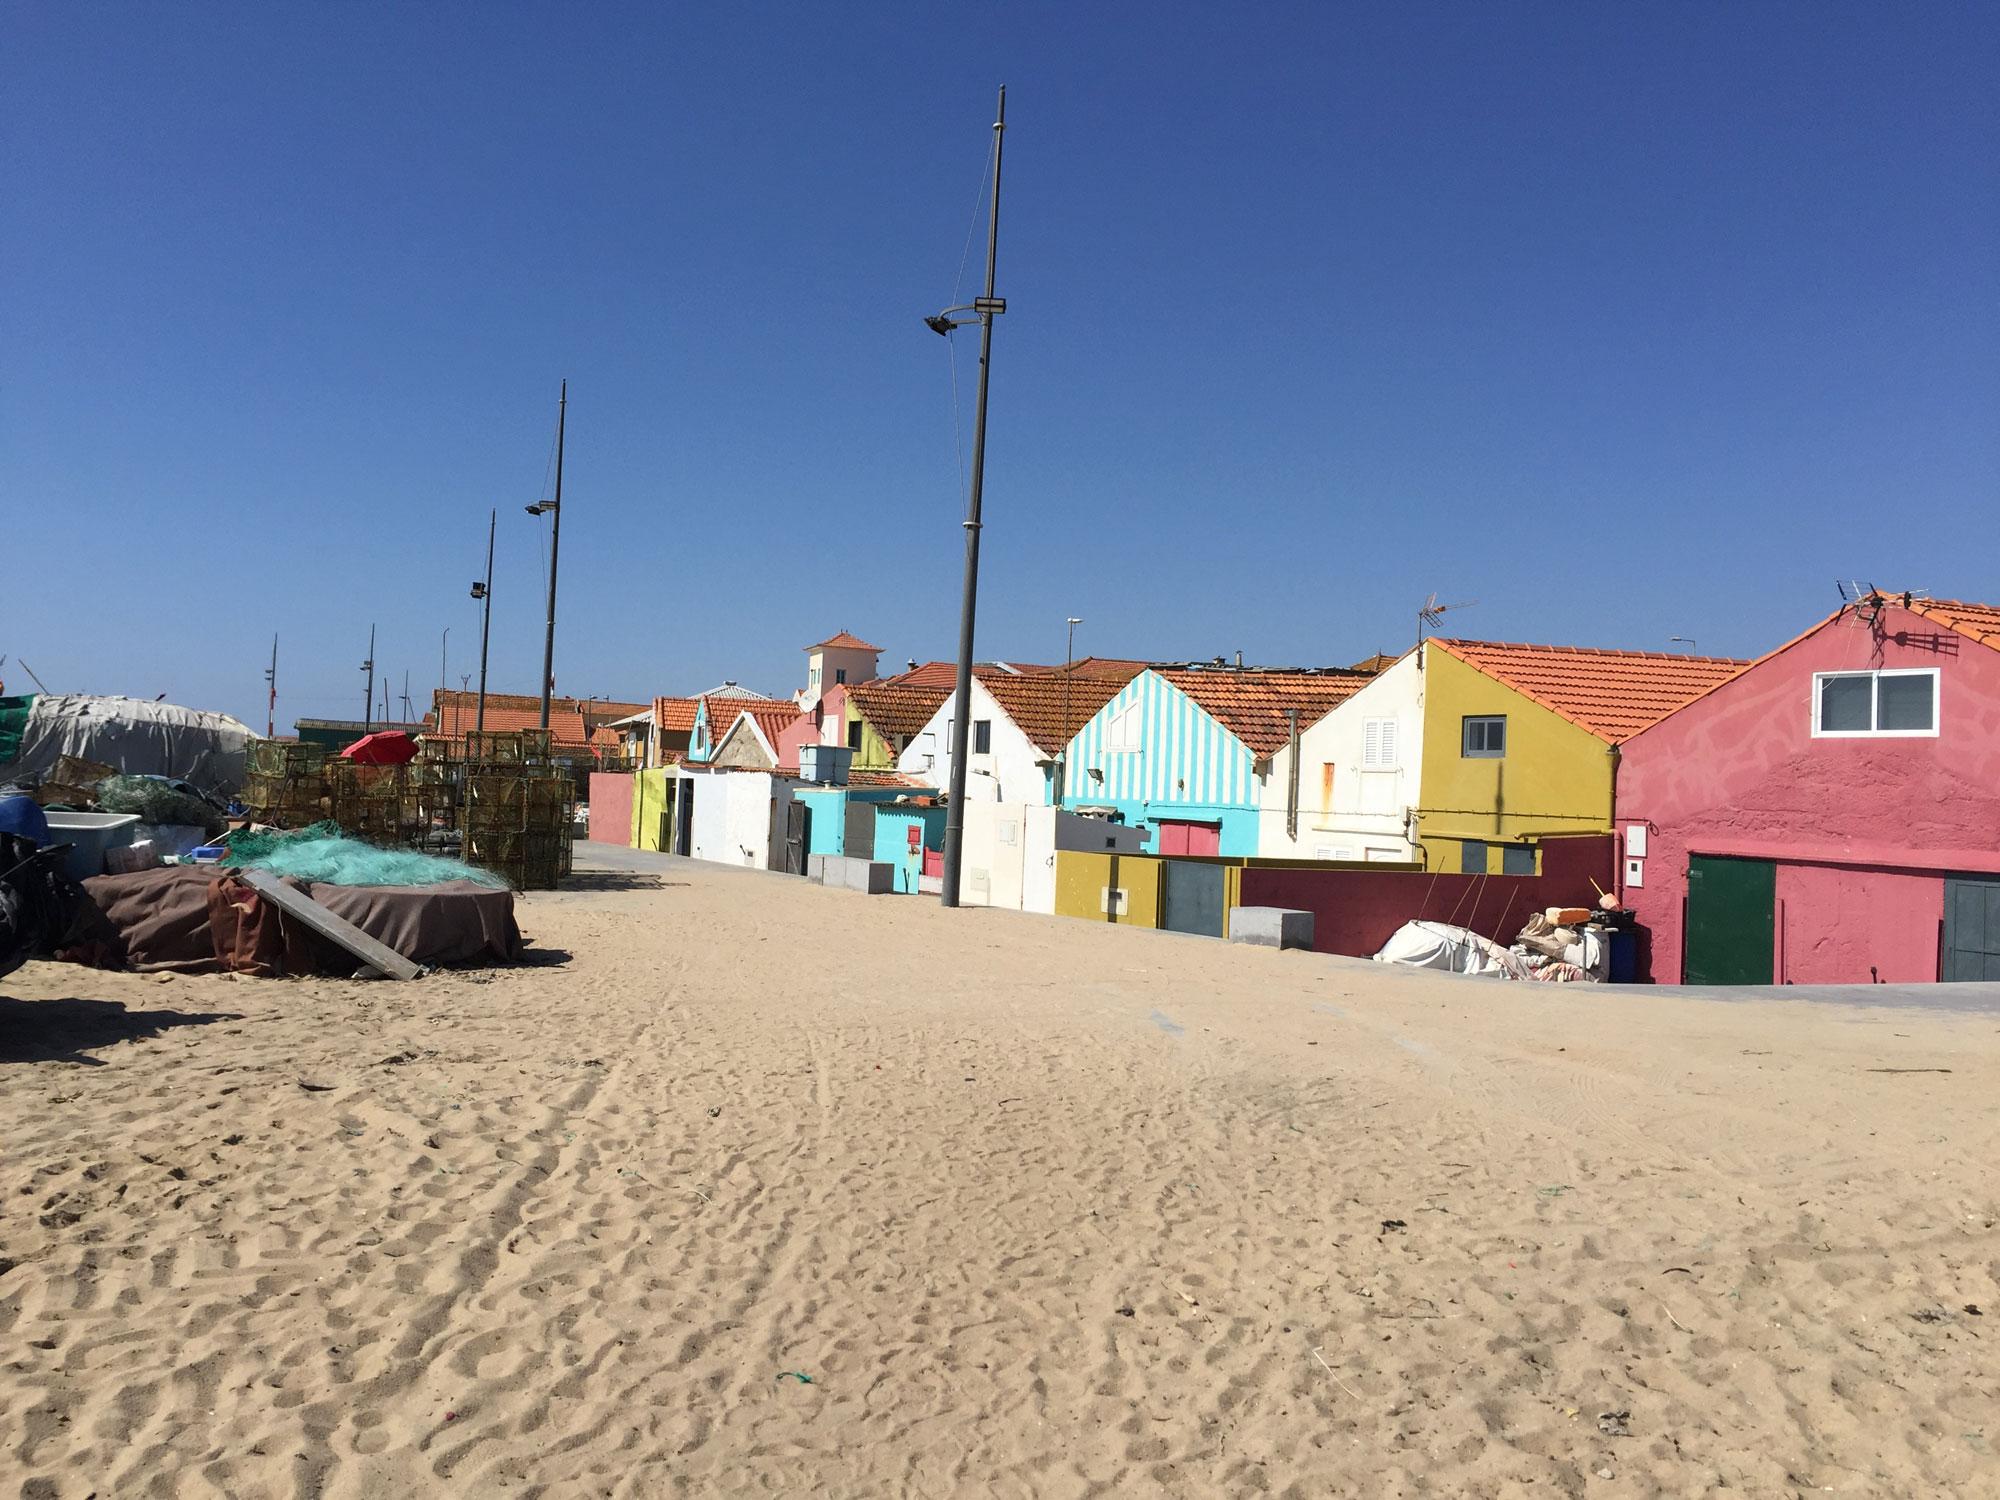 Fischerdorf Praia de Angeiras